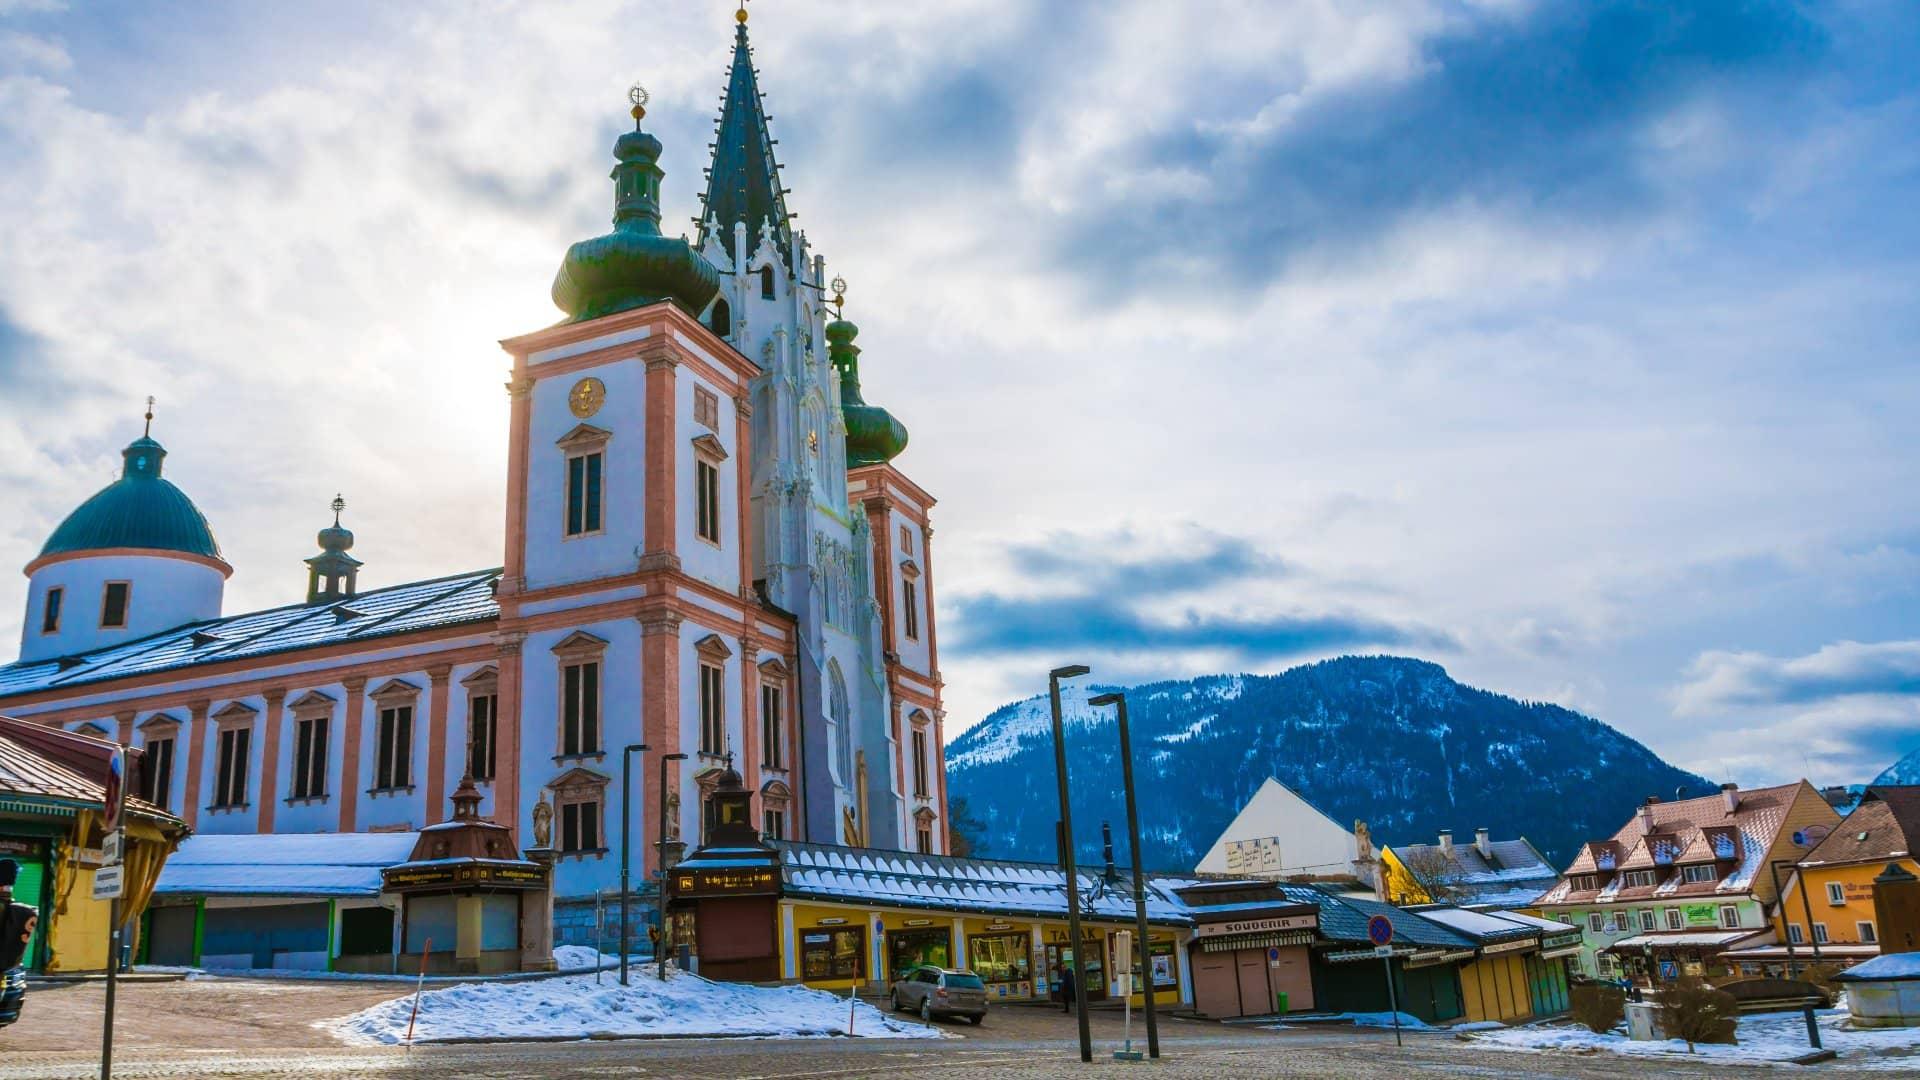 Mariazell Rakousko – Průvodce městem a adventní trhy